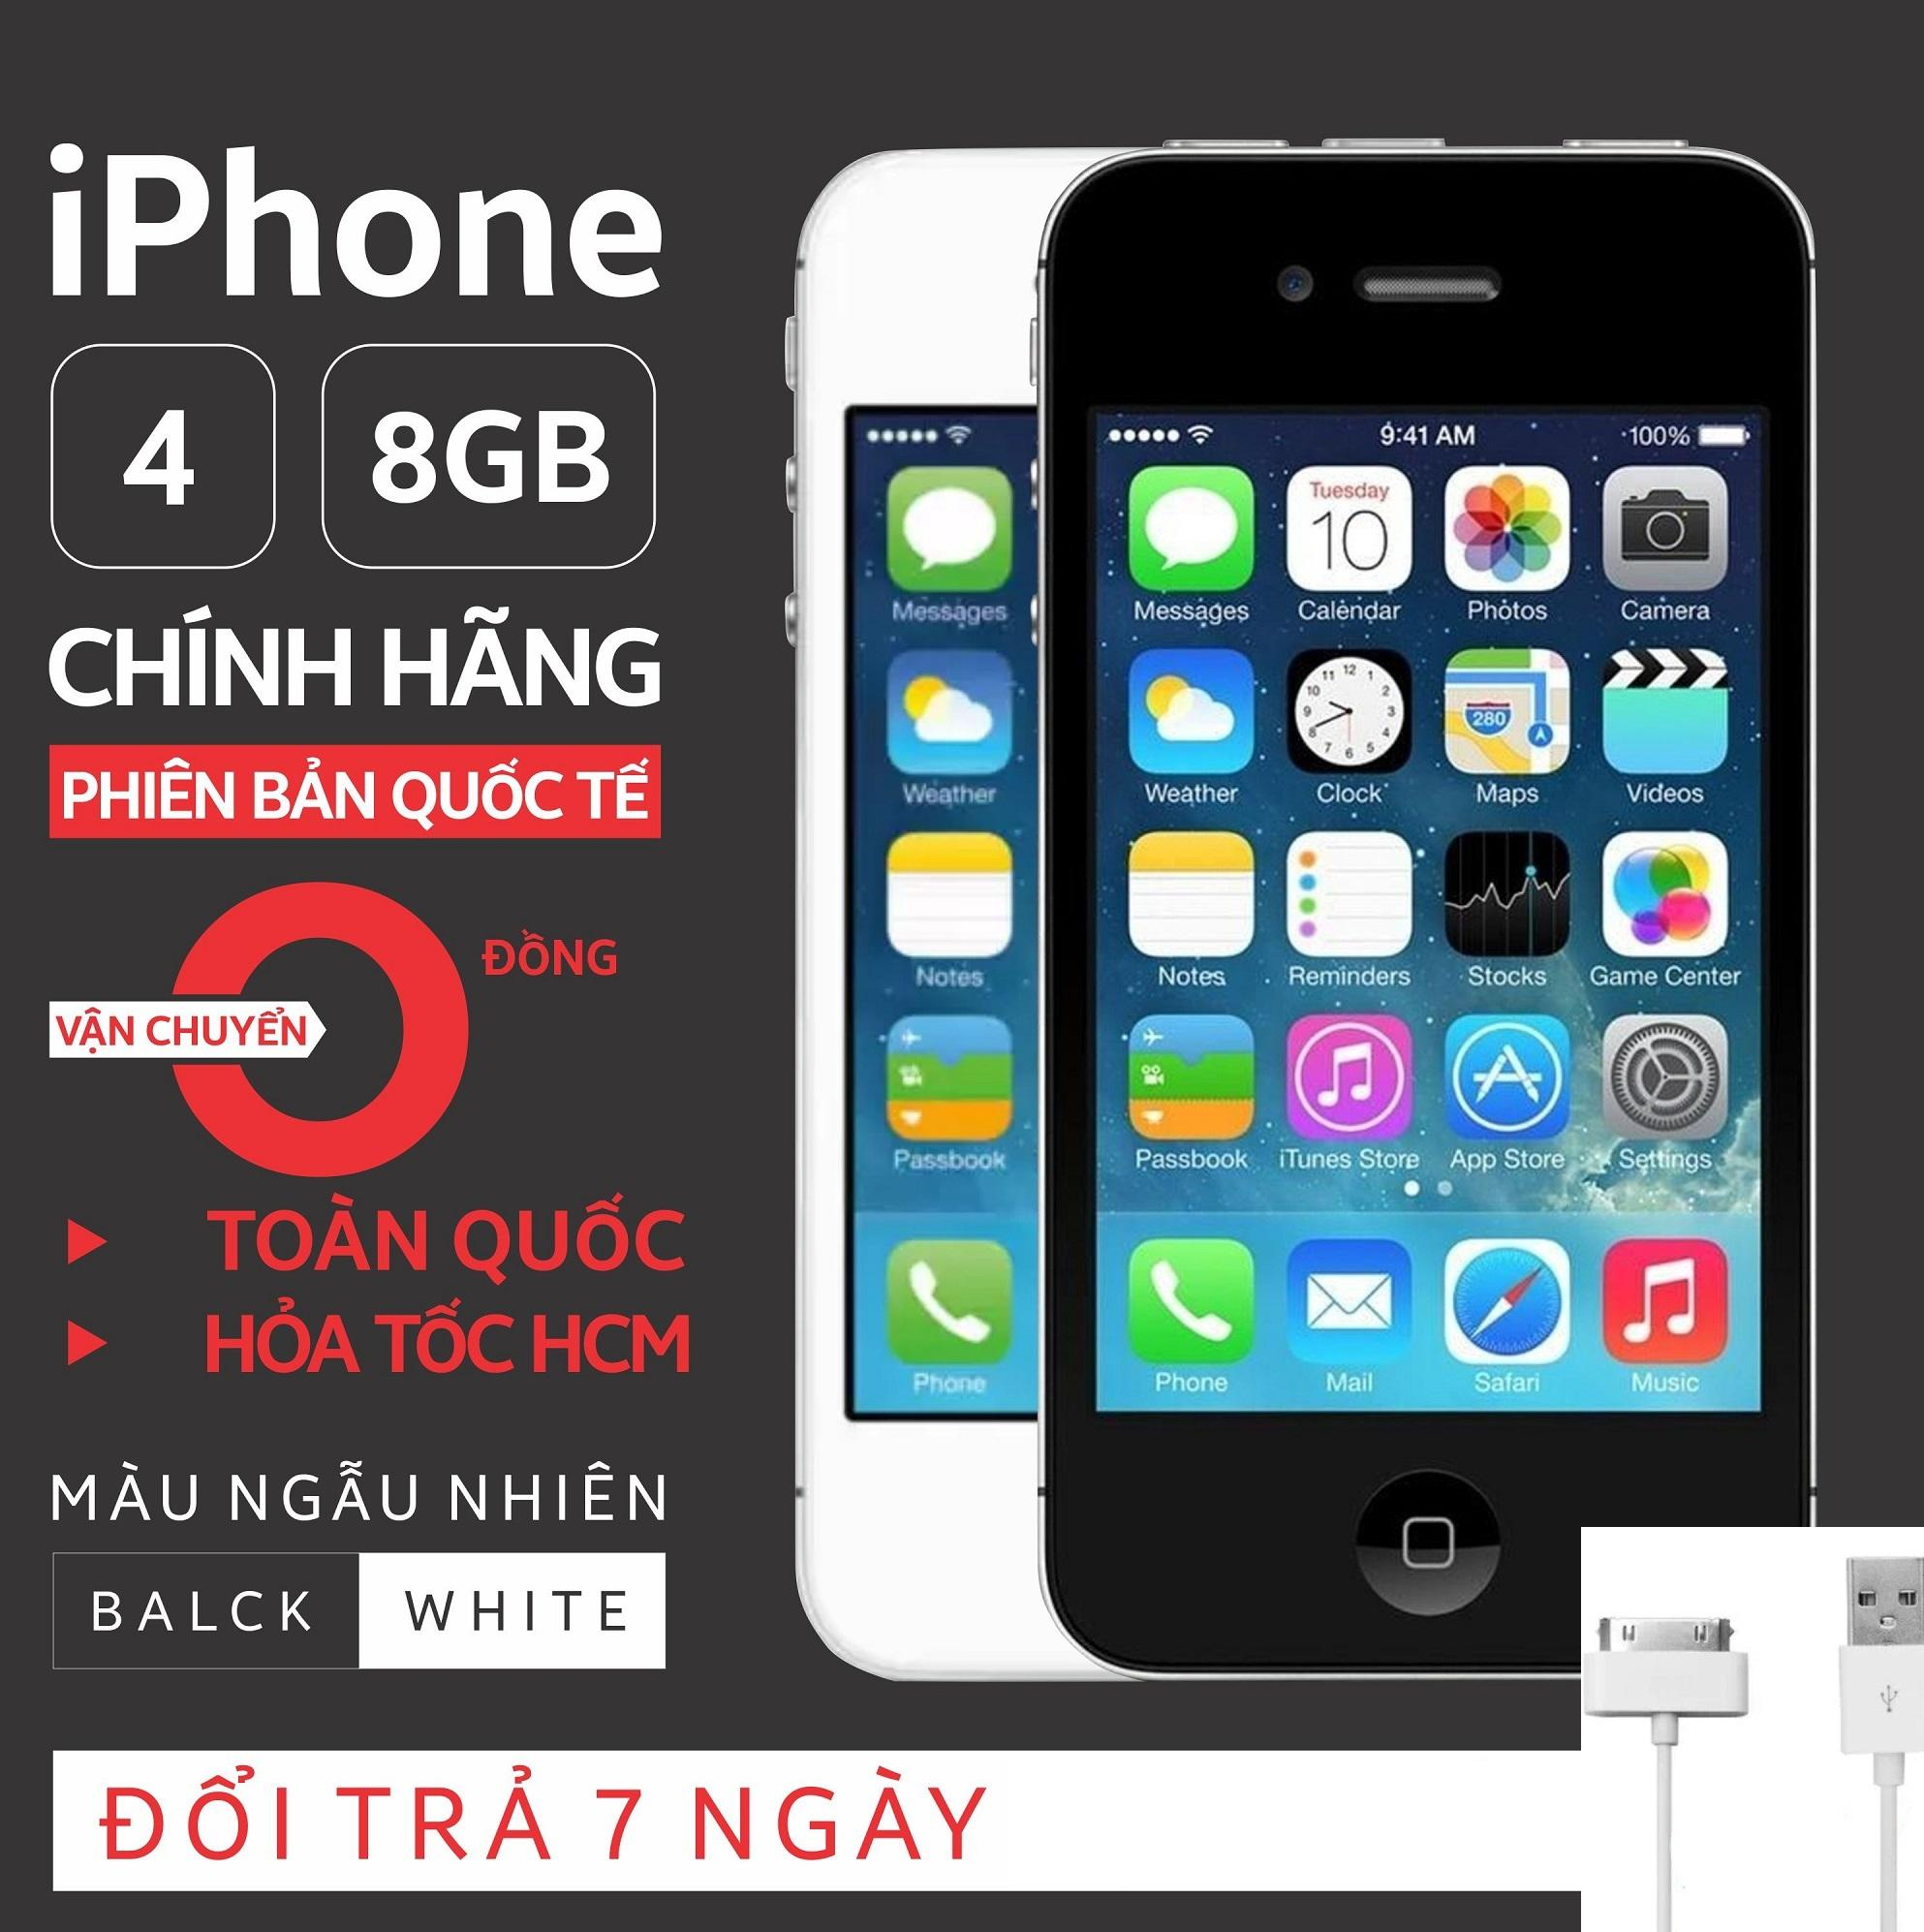 Điện thoại xịn iphone4-16gb cảm ứng giá rẻ pin trâu siêu nhỏ